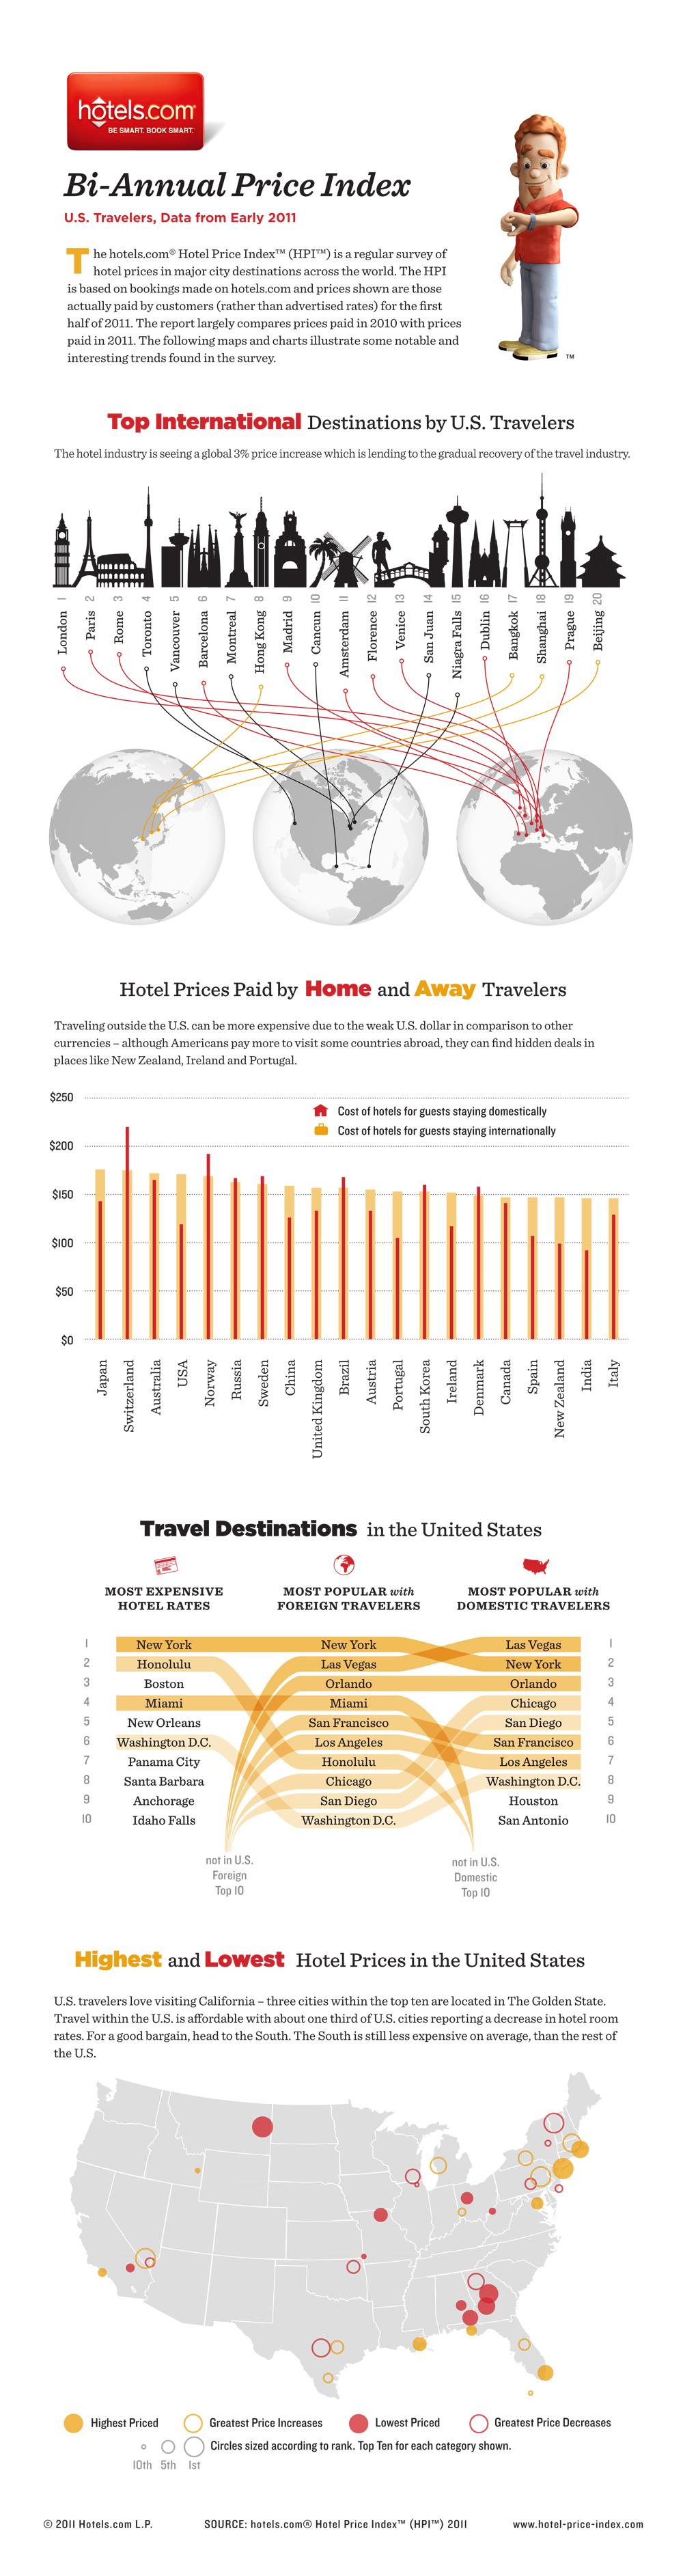 Hotels.com 2011 Hotel Price Index